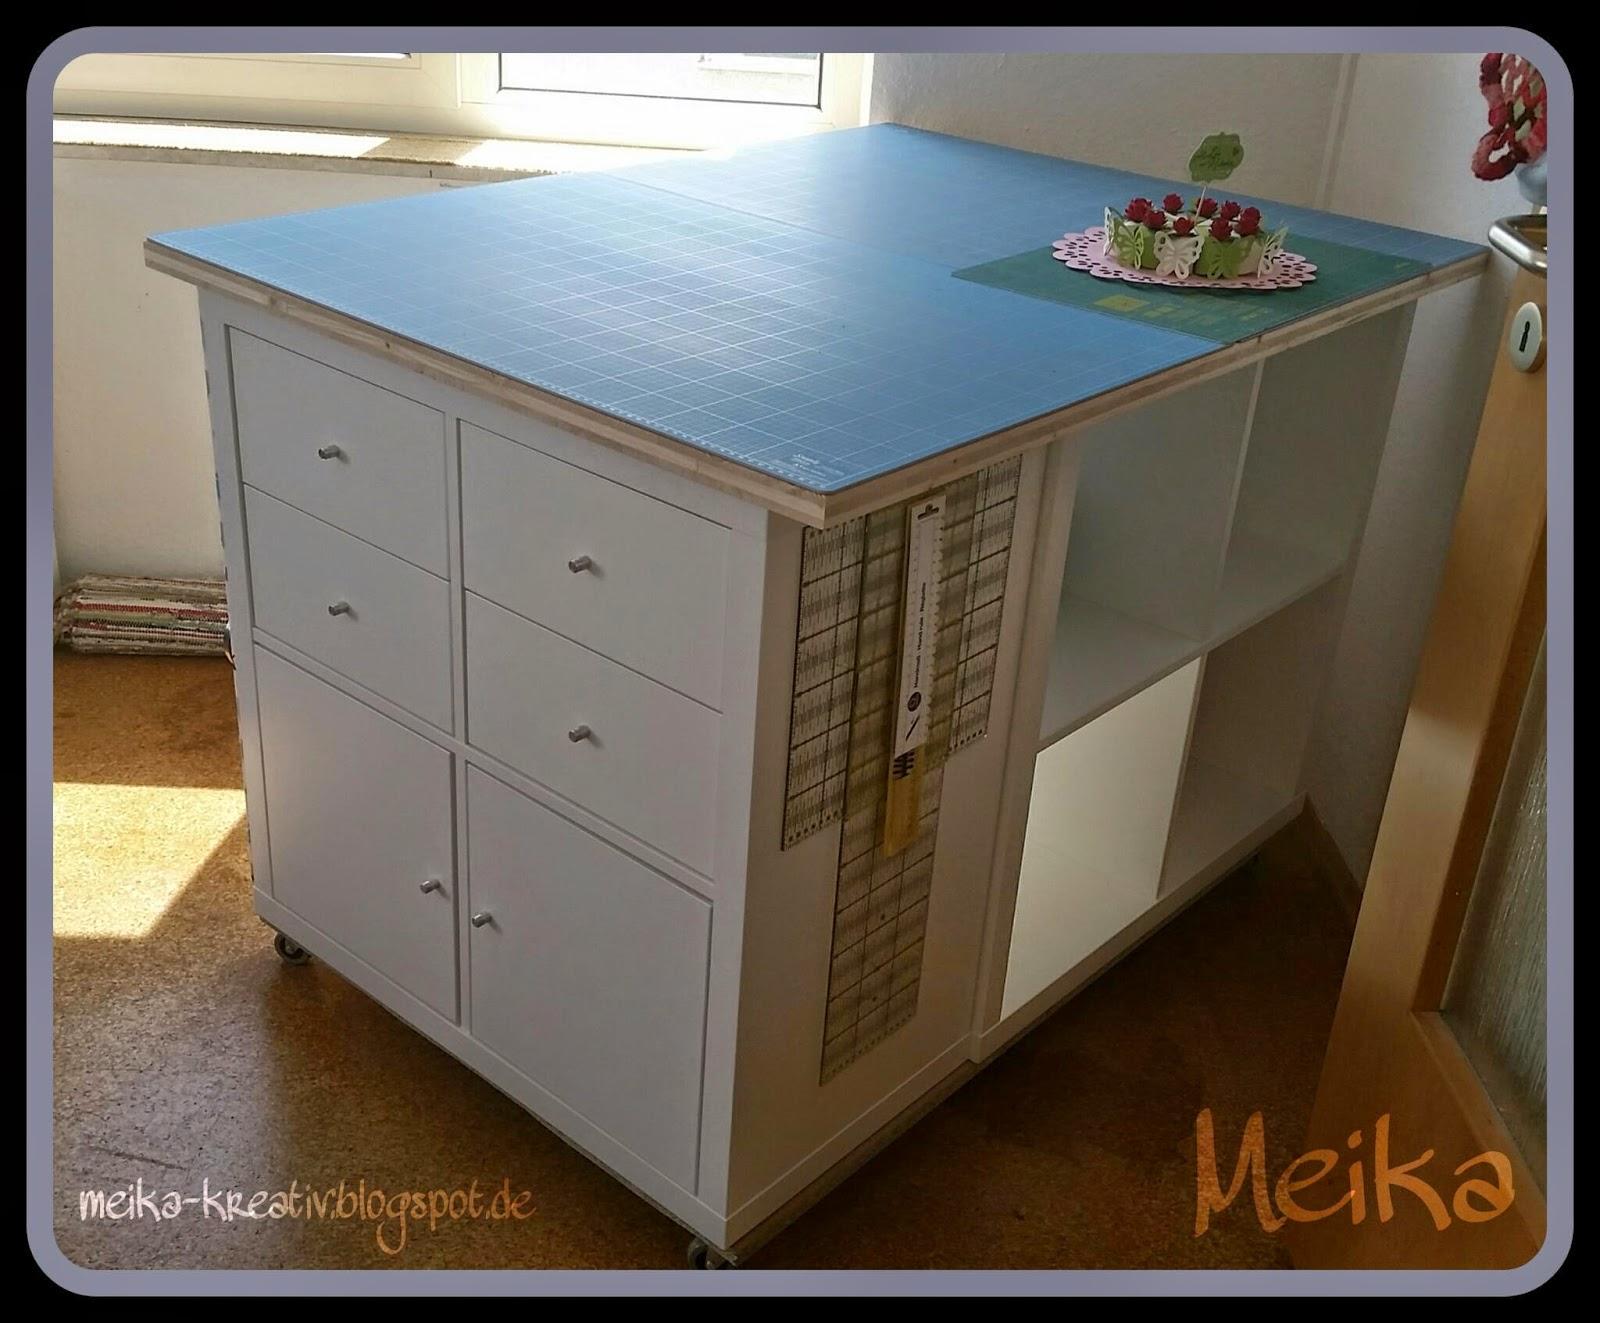 meika kreativ selbst gebauter zuschneidetisch endlich. Black Bedroom Furniture Sets. Home Design Ideas